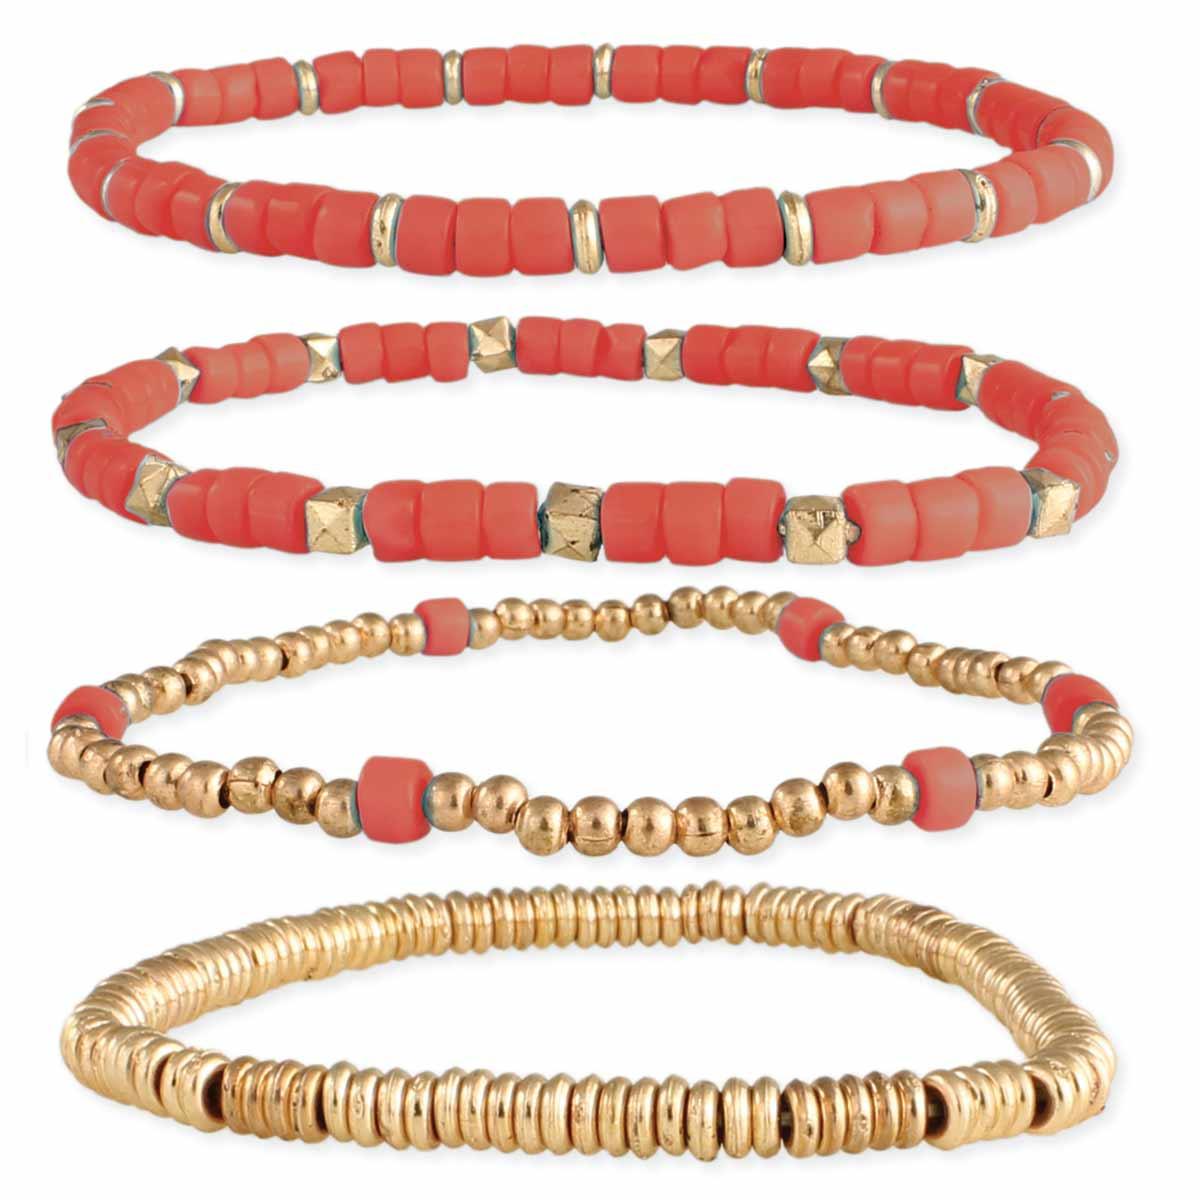 Glass & Rose Gold Bead Stretch Bracelet Sets